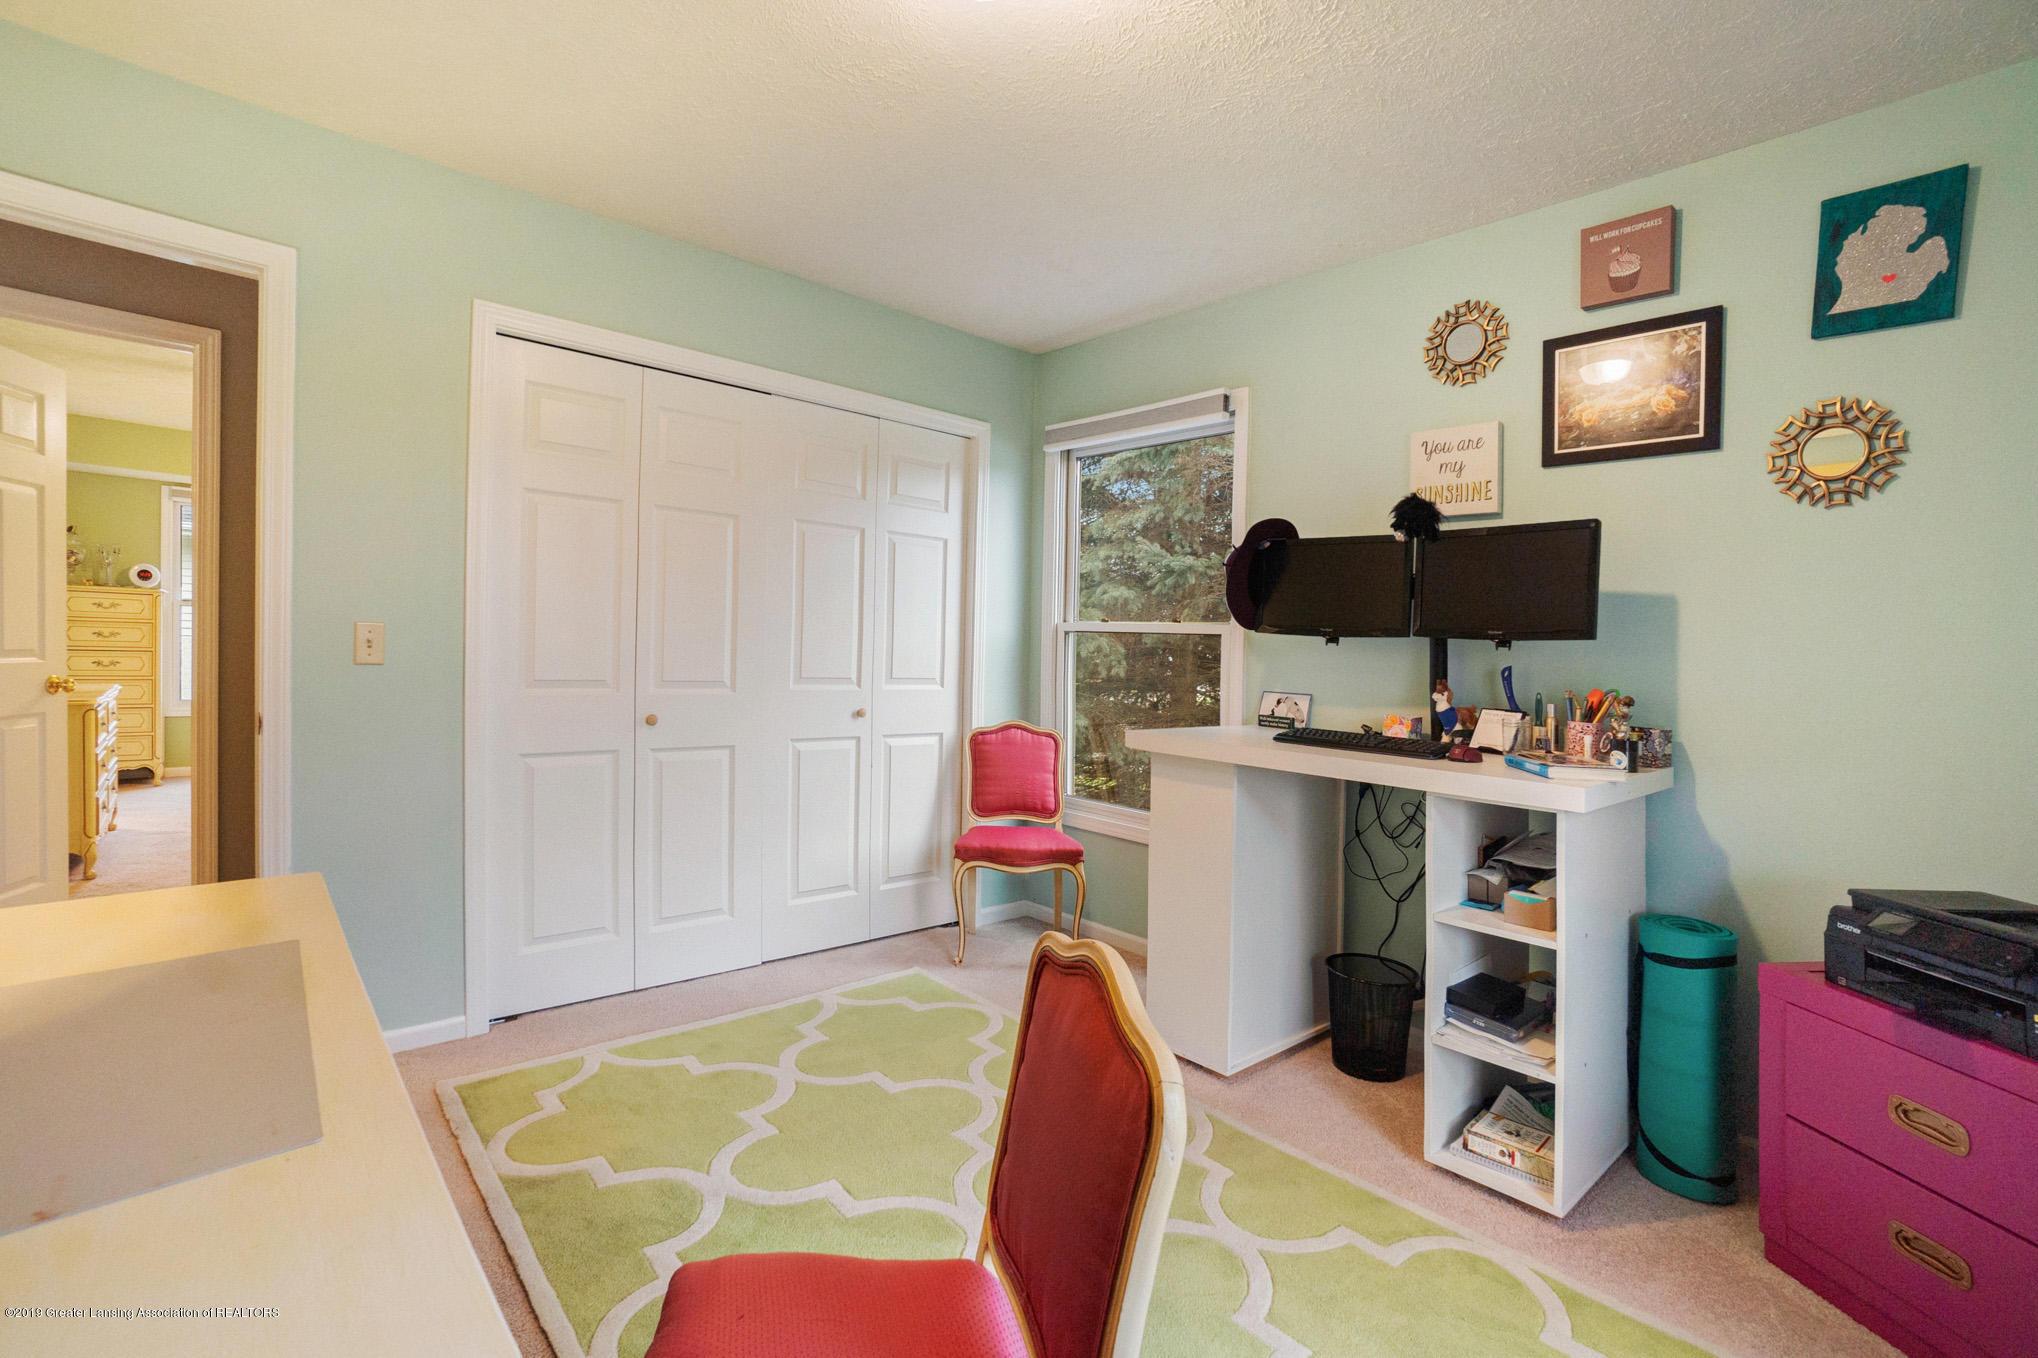 2540 Cunningham Dr - Bedroom - 23